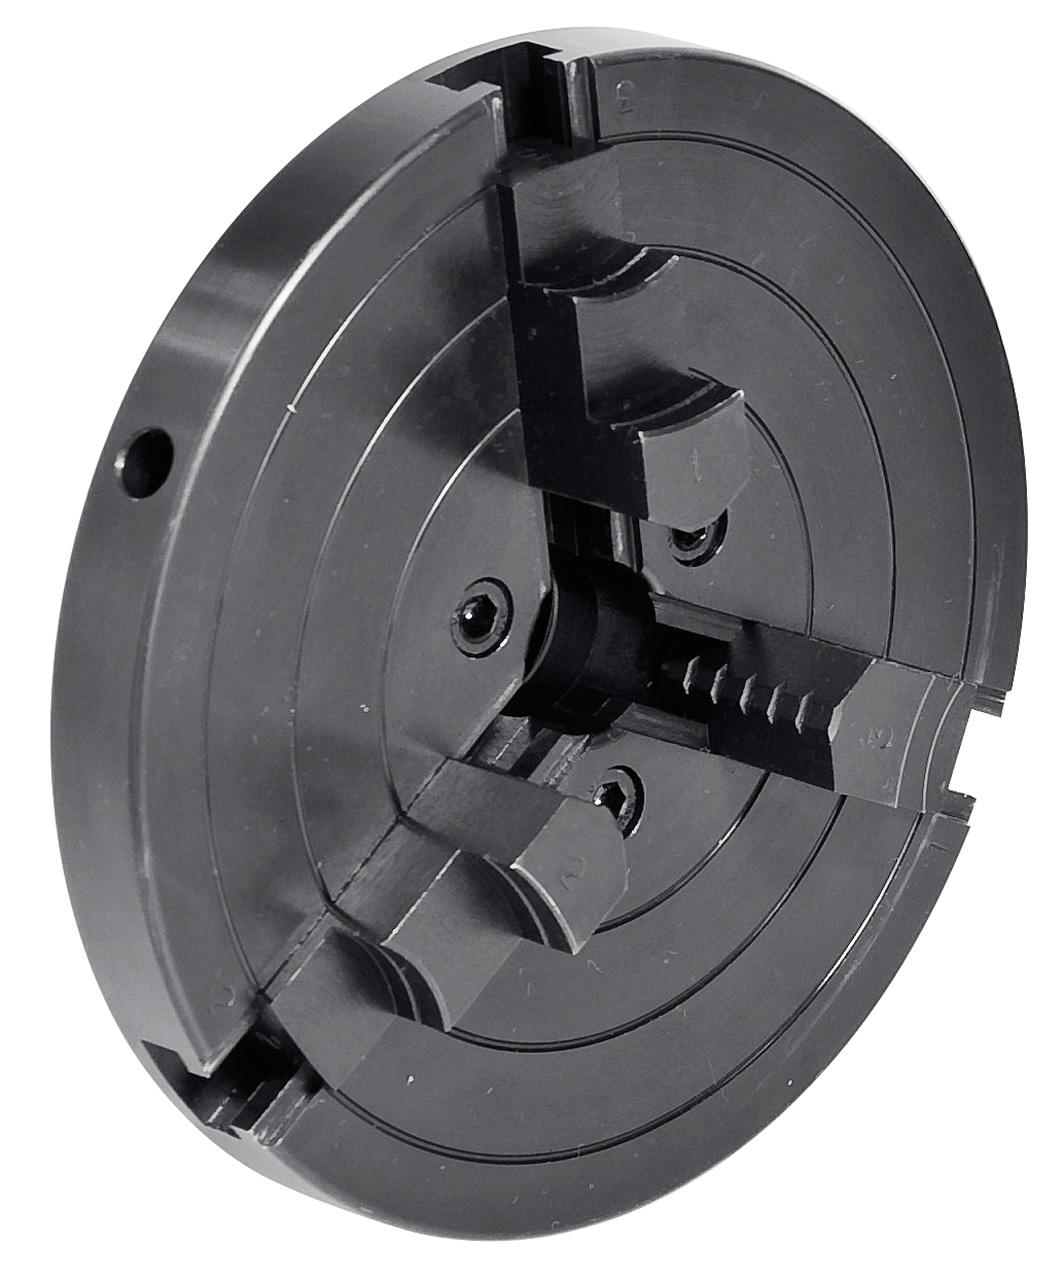 Uchwyt tokarski 3-szczękowy 150 mm / M 33 x 3,5 mm BERNARDO